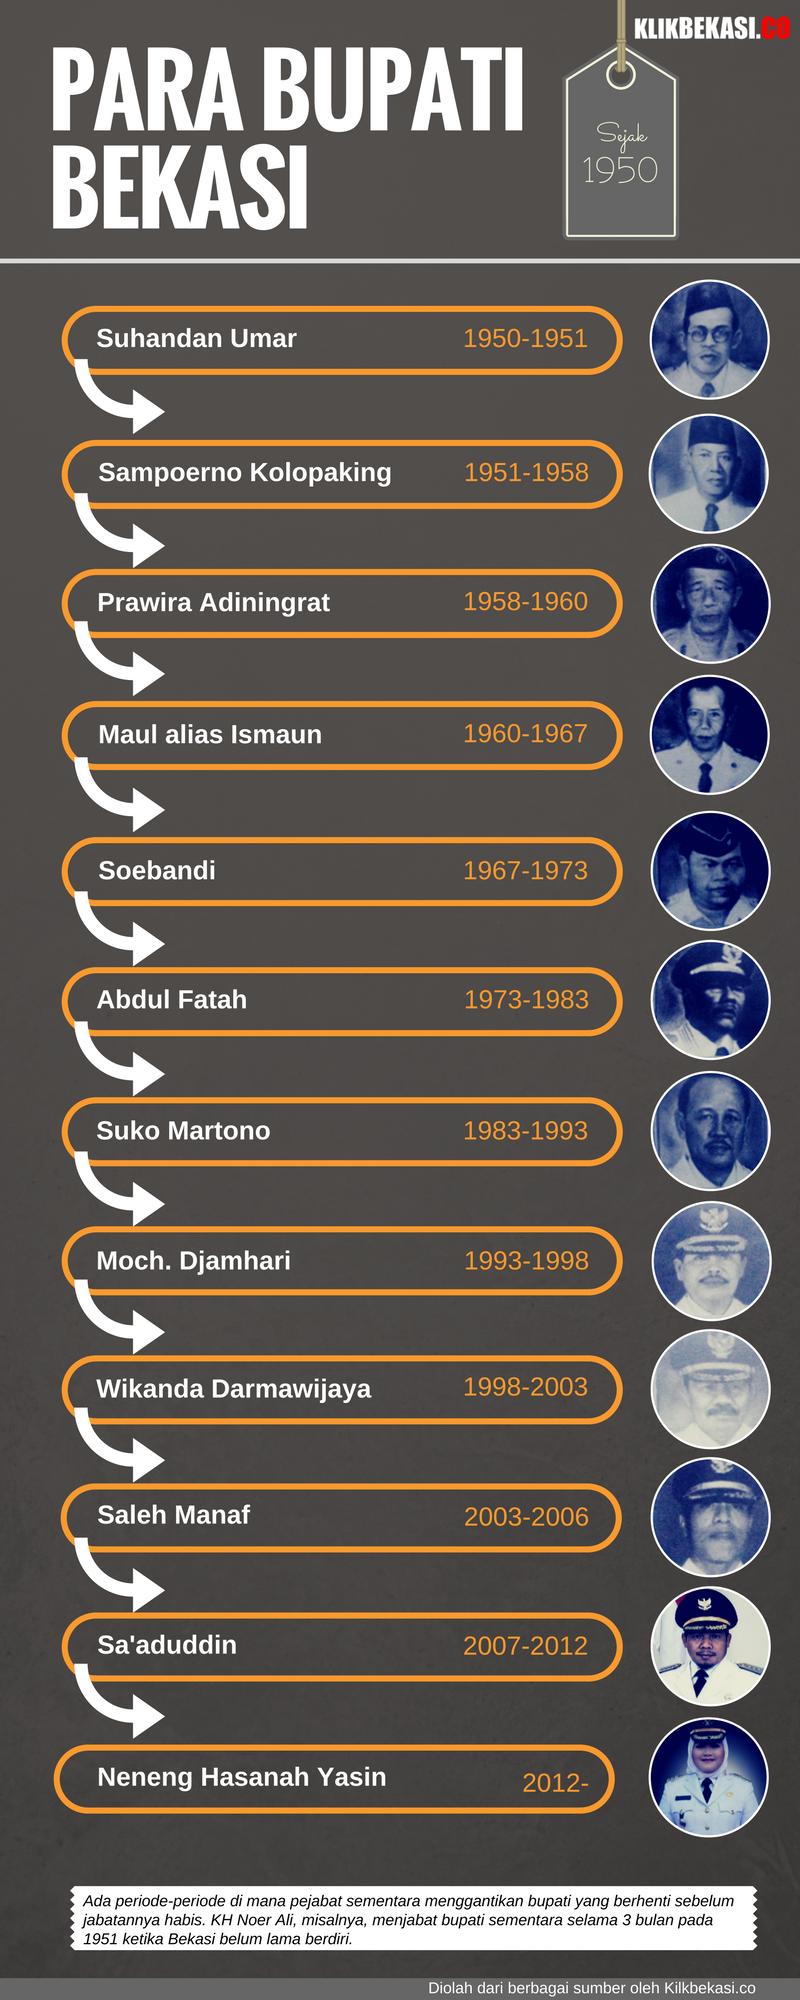 bupatibekasi-infografis